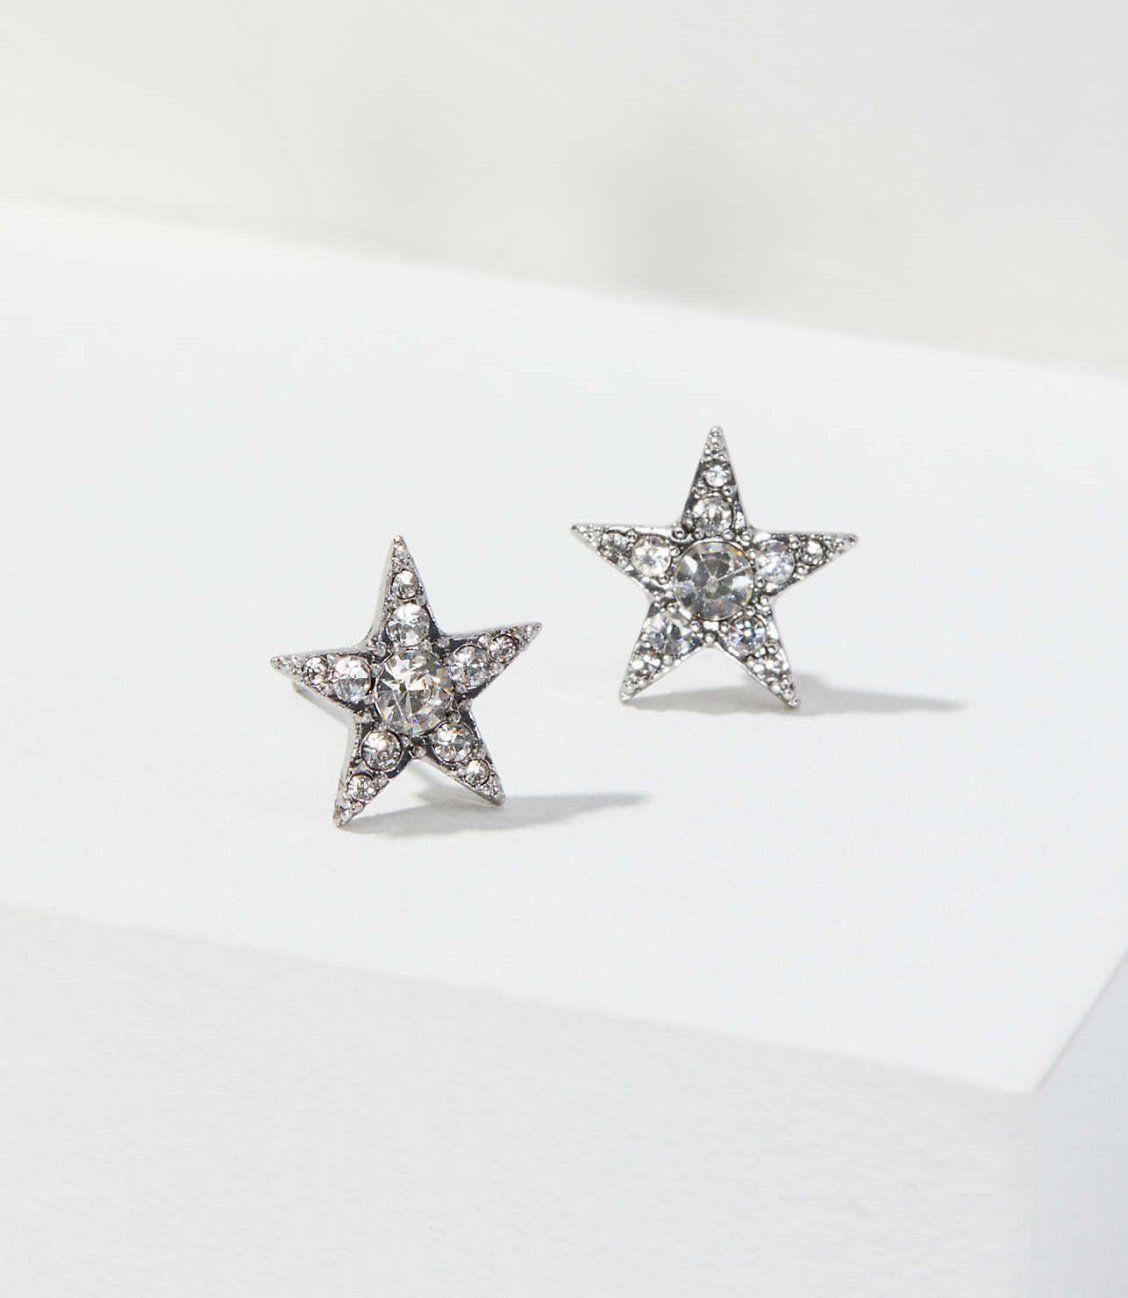 18K White Gold Filled Earrings Topaz Overlapping Heart Gemstone Ear Stud Women